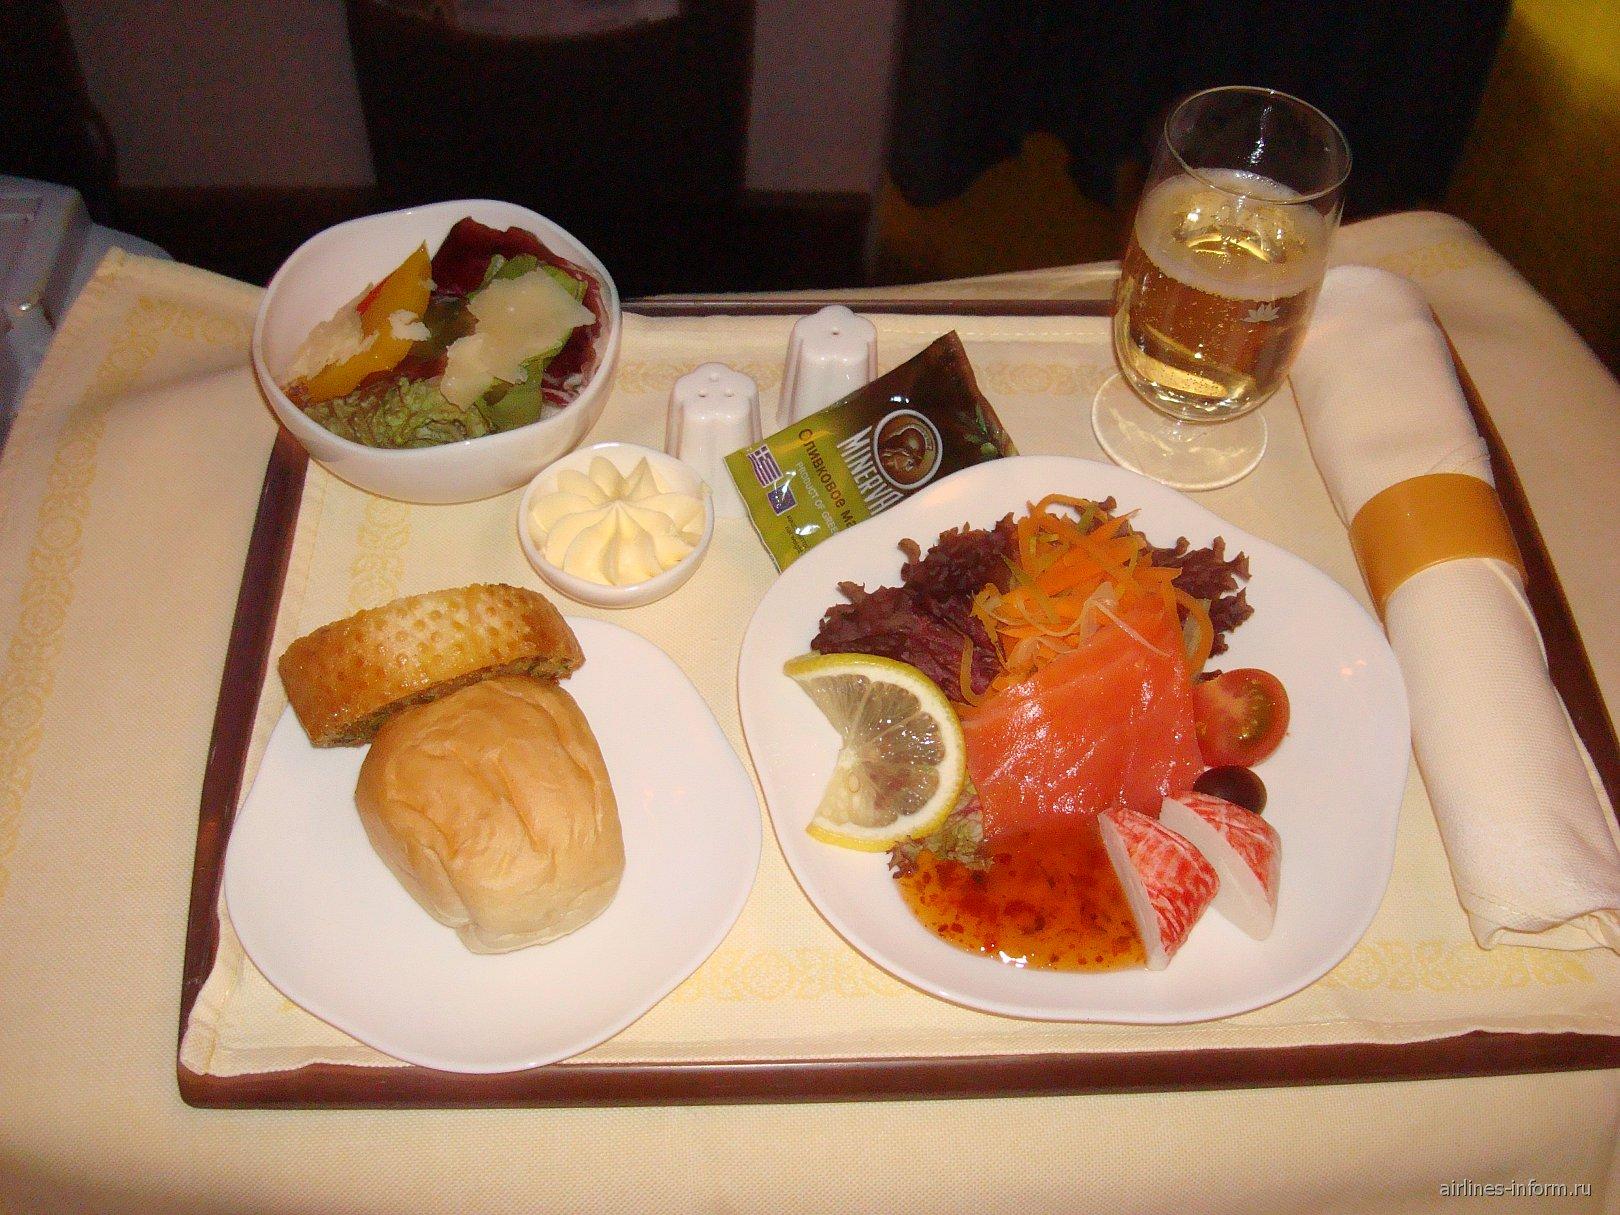 Питание бизнес-класса на рейсе авиакомпании Вьетнамские авиалинии Москва-Хошимин